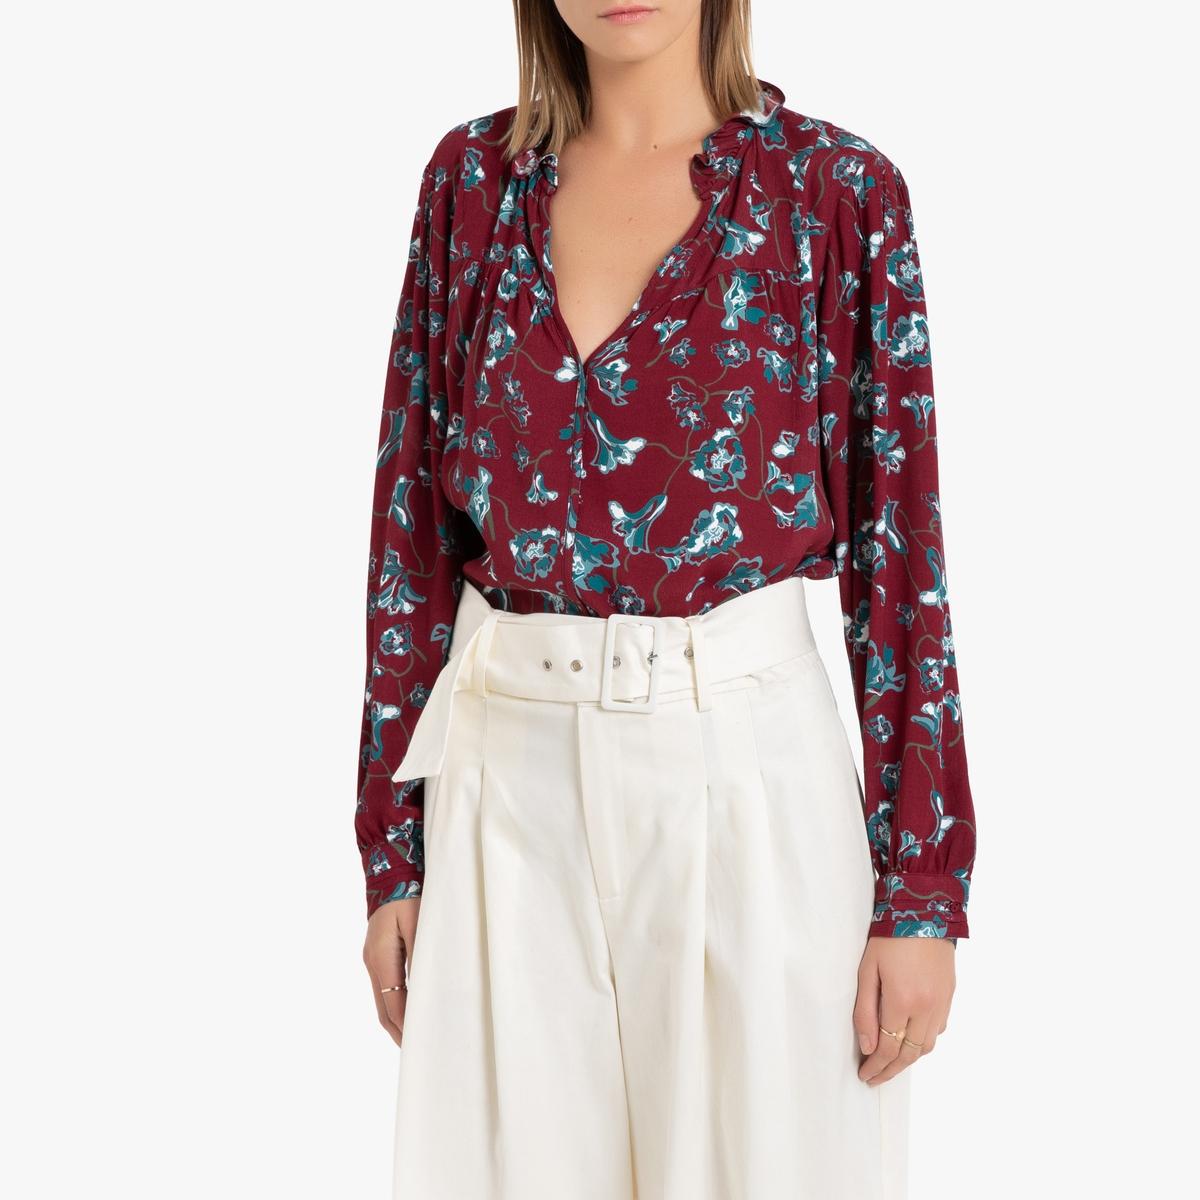 Блузка La Redoute С длинными рукавами и цветочным рисунком 1(S) красный блуза la redoute с рисунком и длинными рукавами s синий